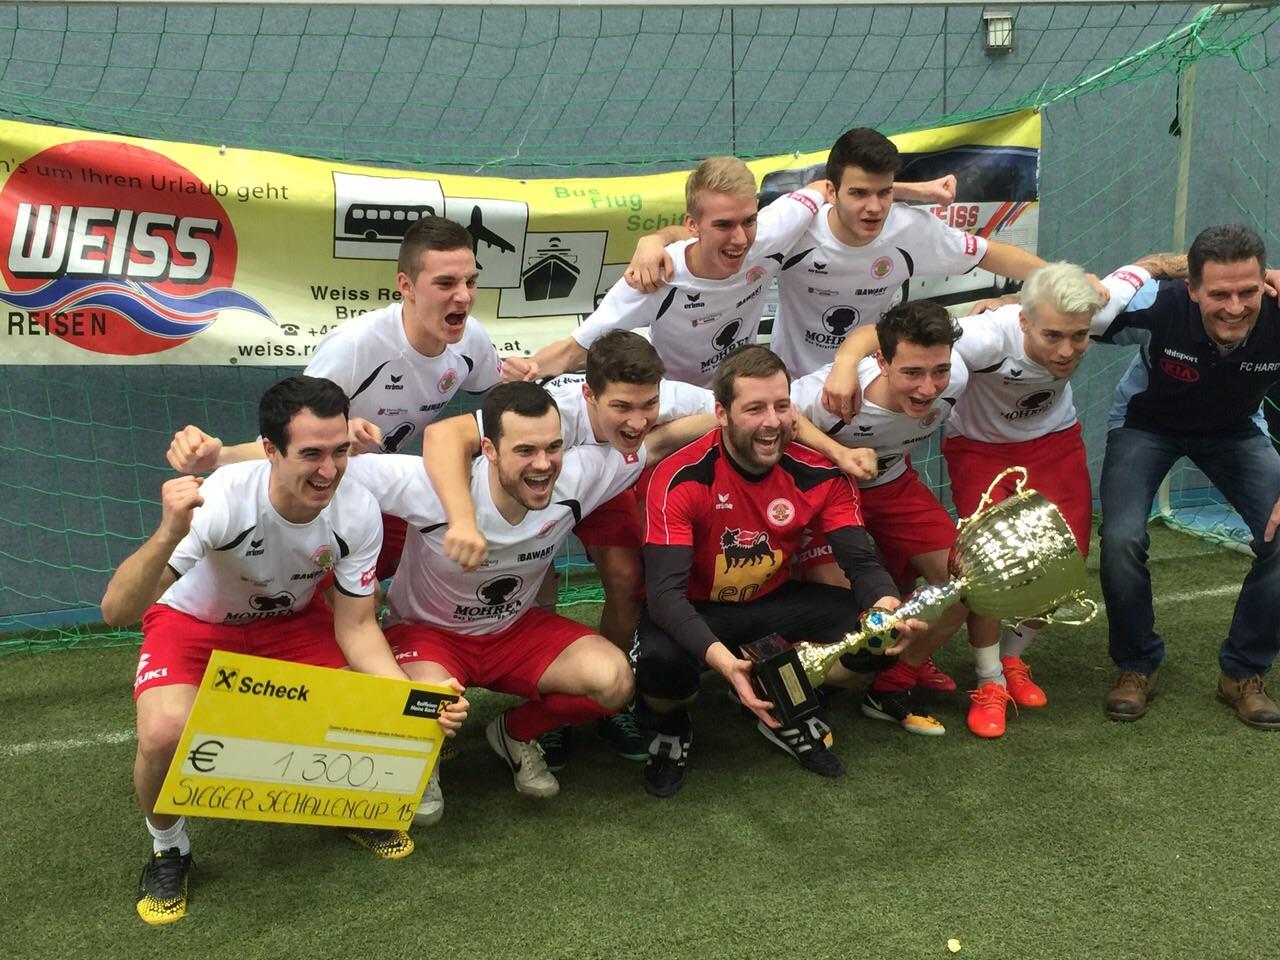 FCD_Turniersieger!